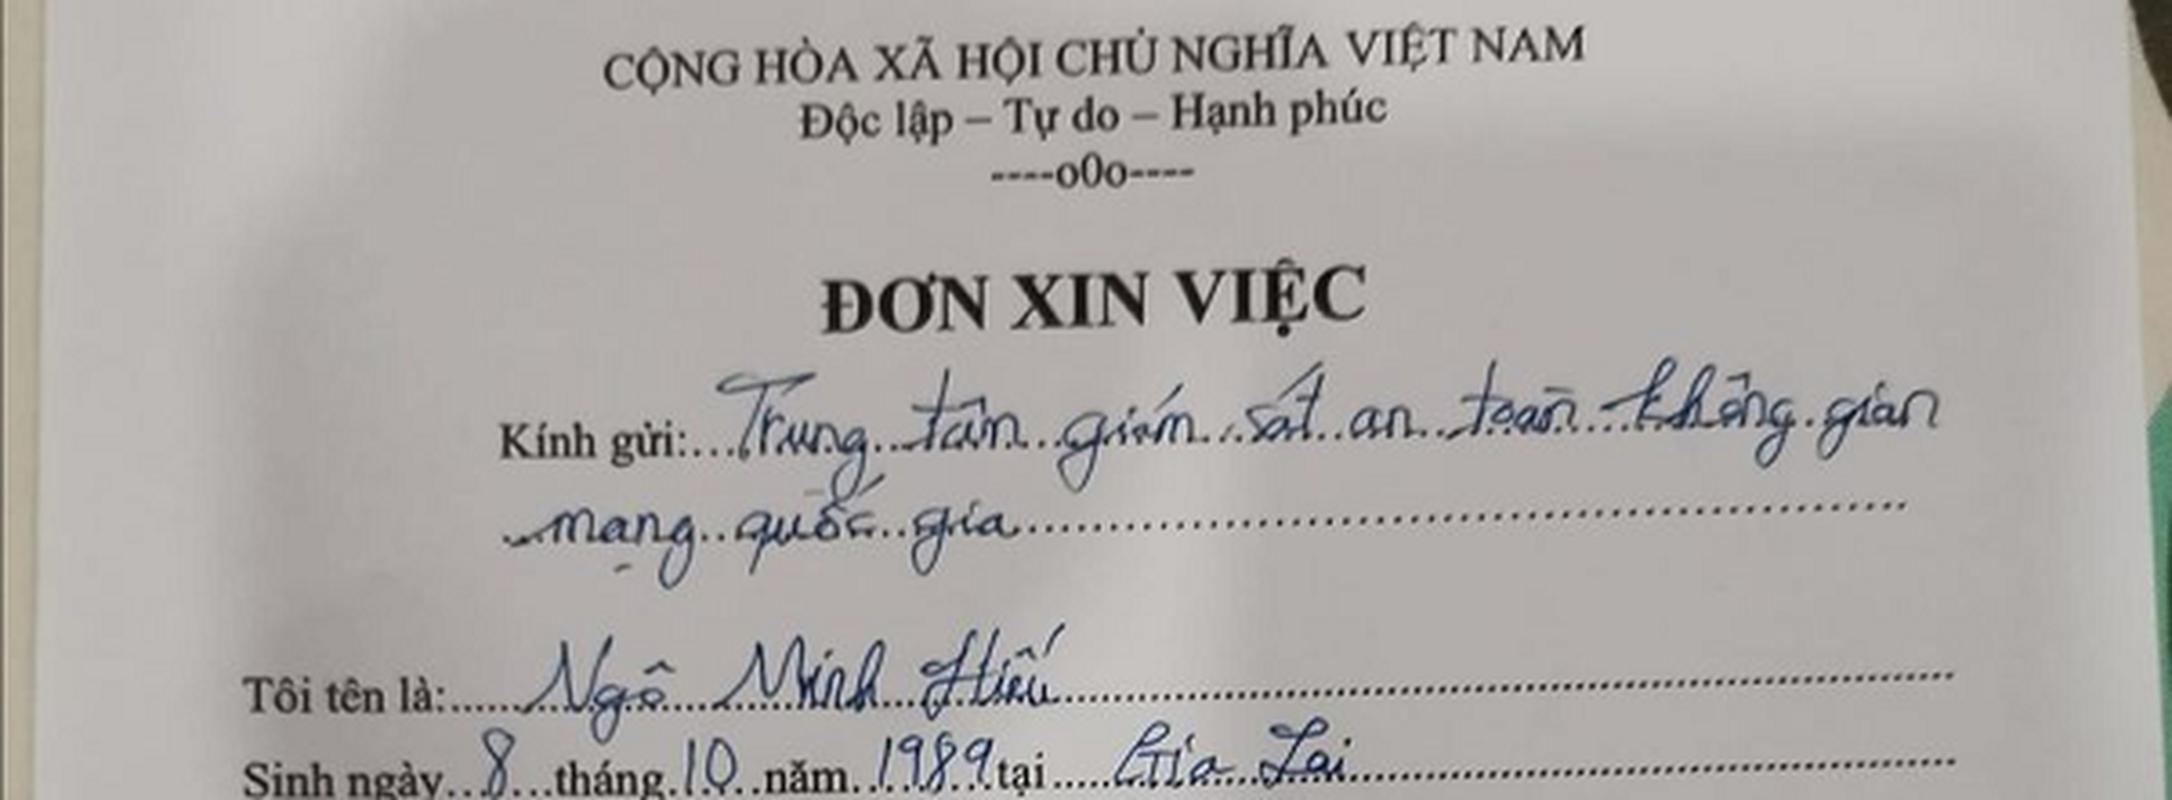 """Con duong """"hoan luong"""" cua chang hacker nguoi Viet tung FBI truy na-Hinh-10"""